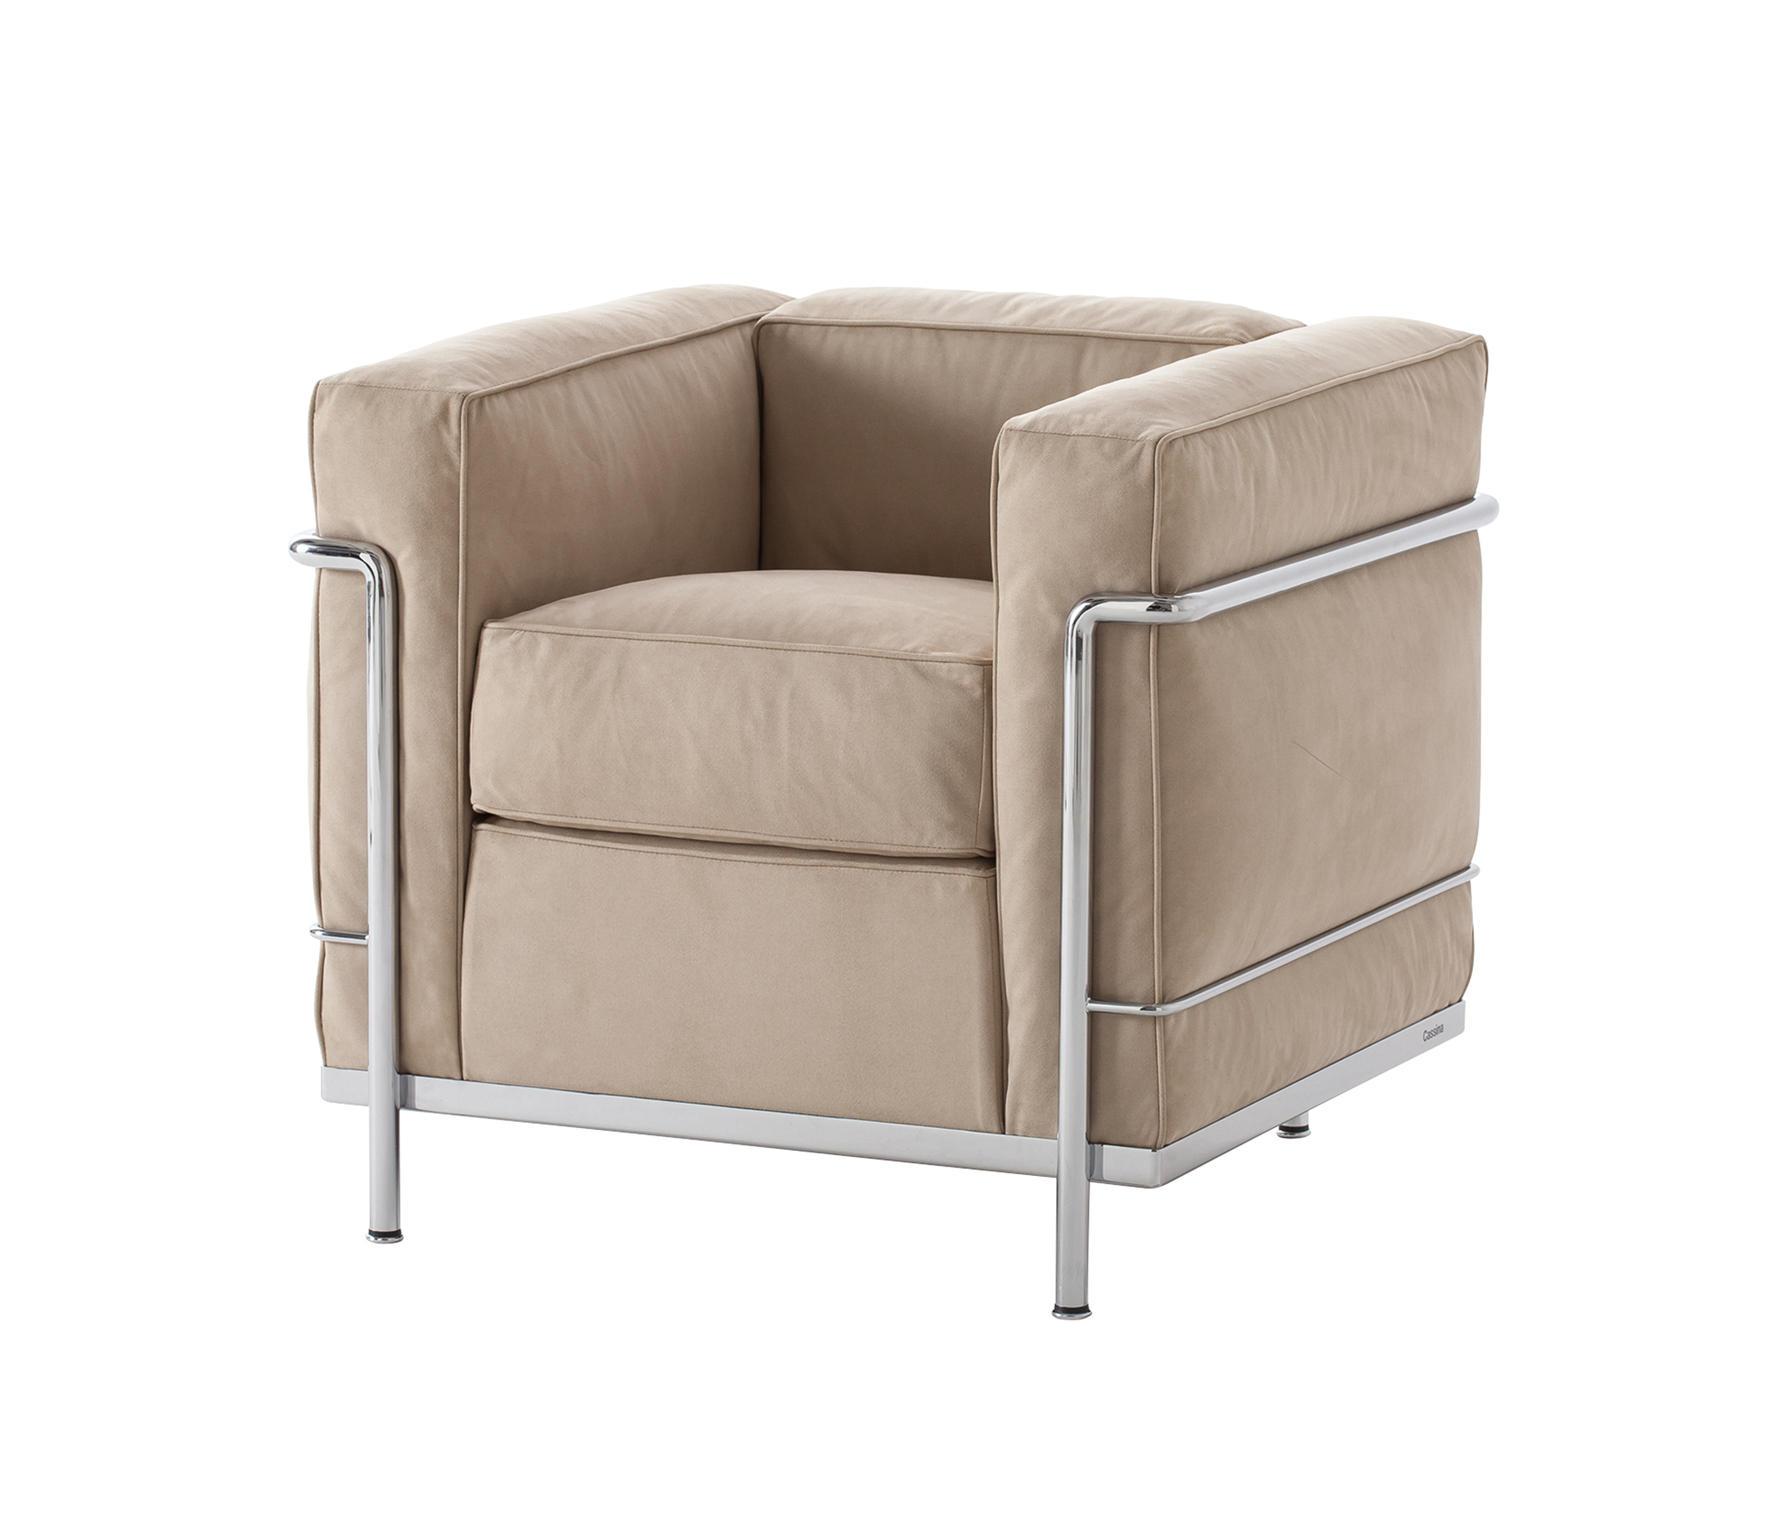 lc2 fauteuil fauteuils d 39 attente de cassina architonic. Black Bedroom Furniture Sets. Home Design Ideas